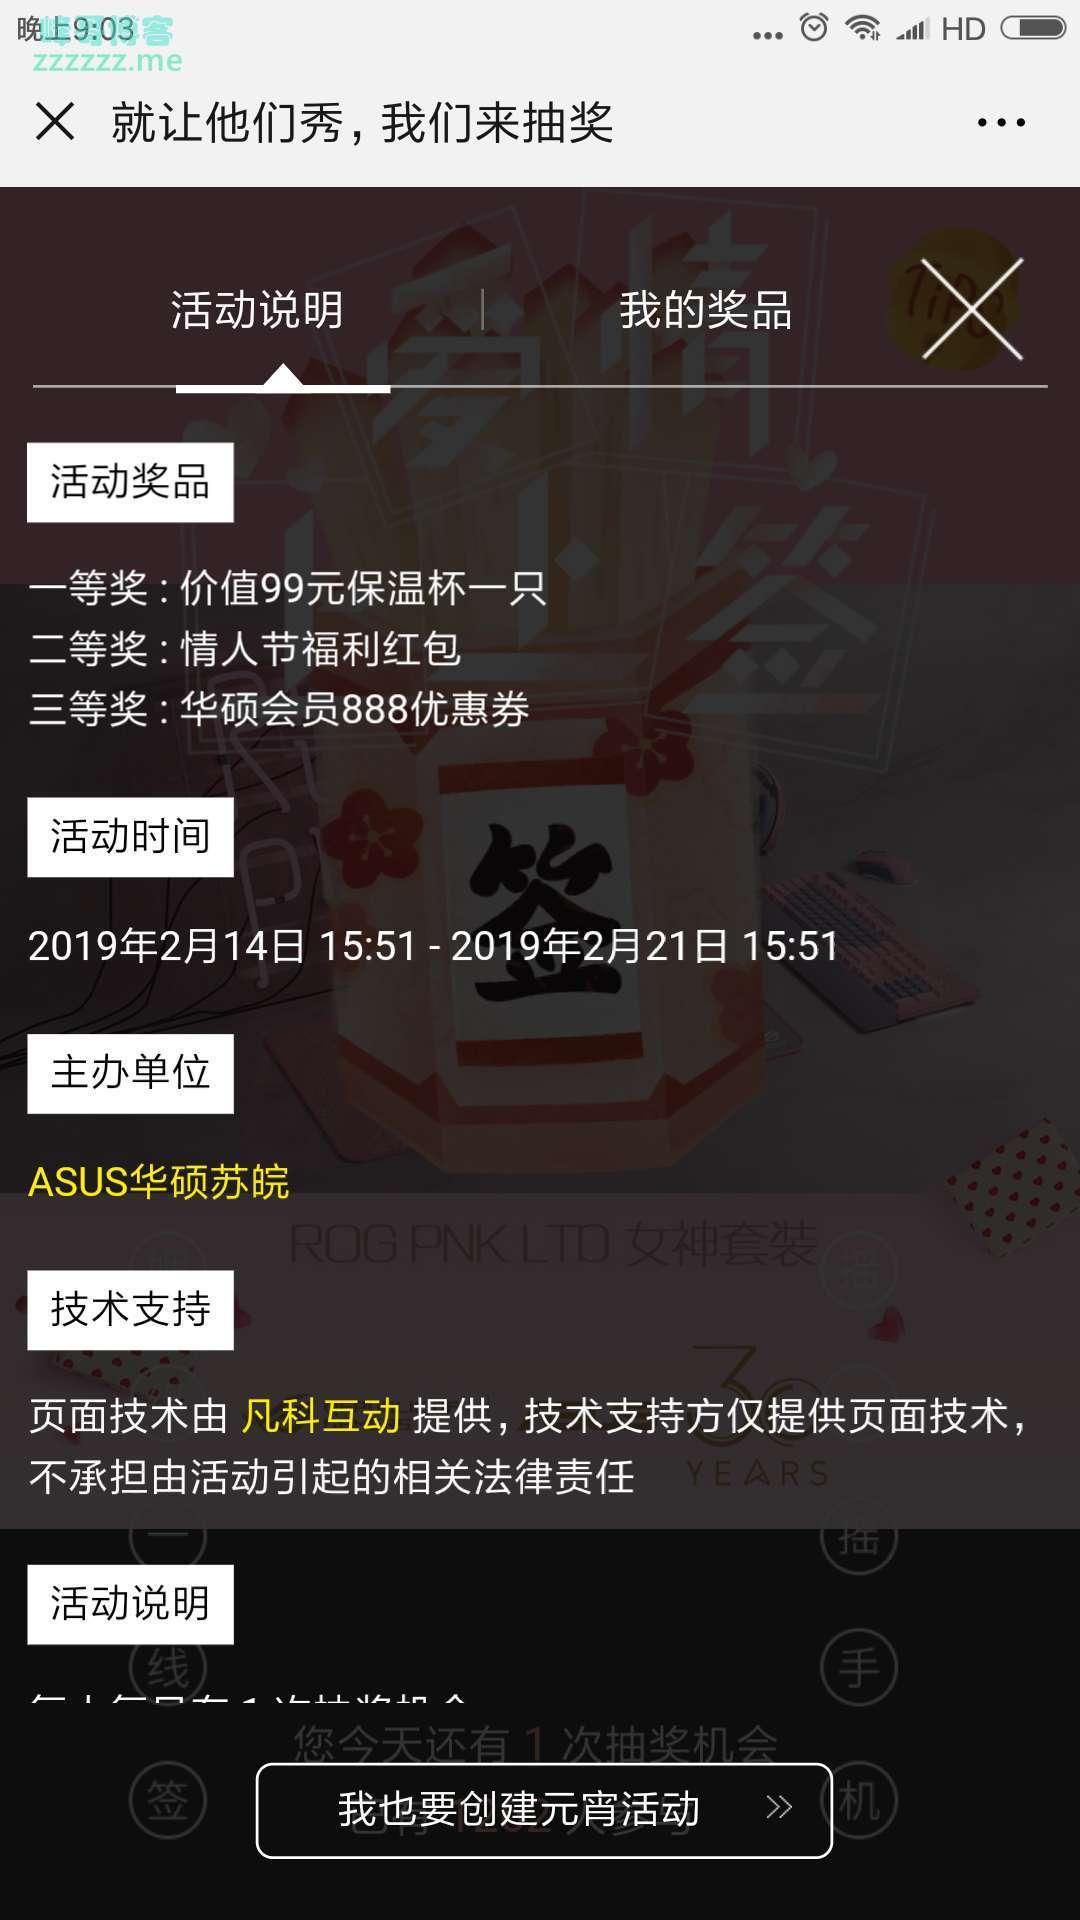 <ASUS华硕苏皖>今天,就容你们放肆地撒狗粮一天(截至2月21日)